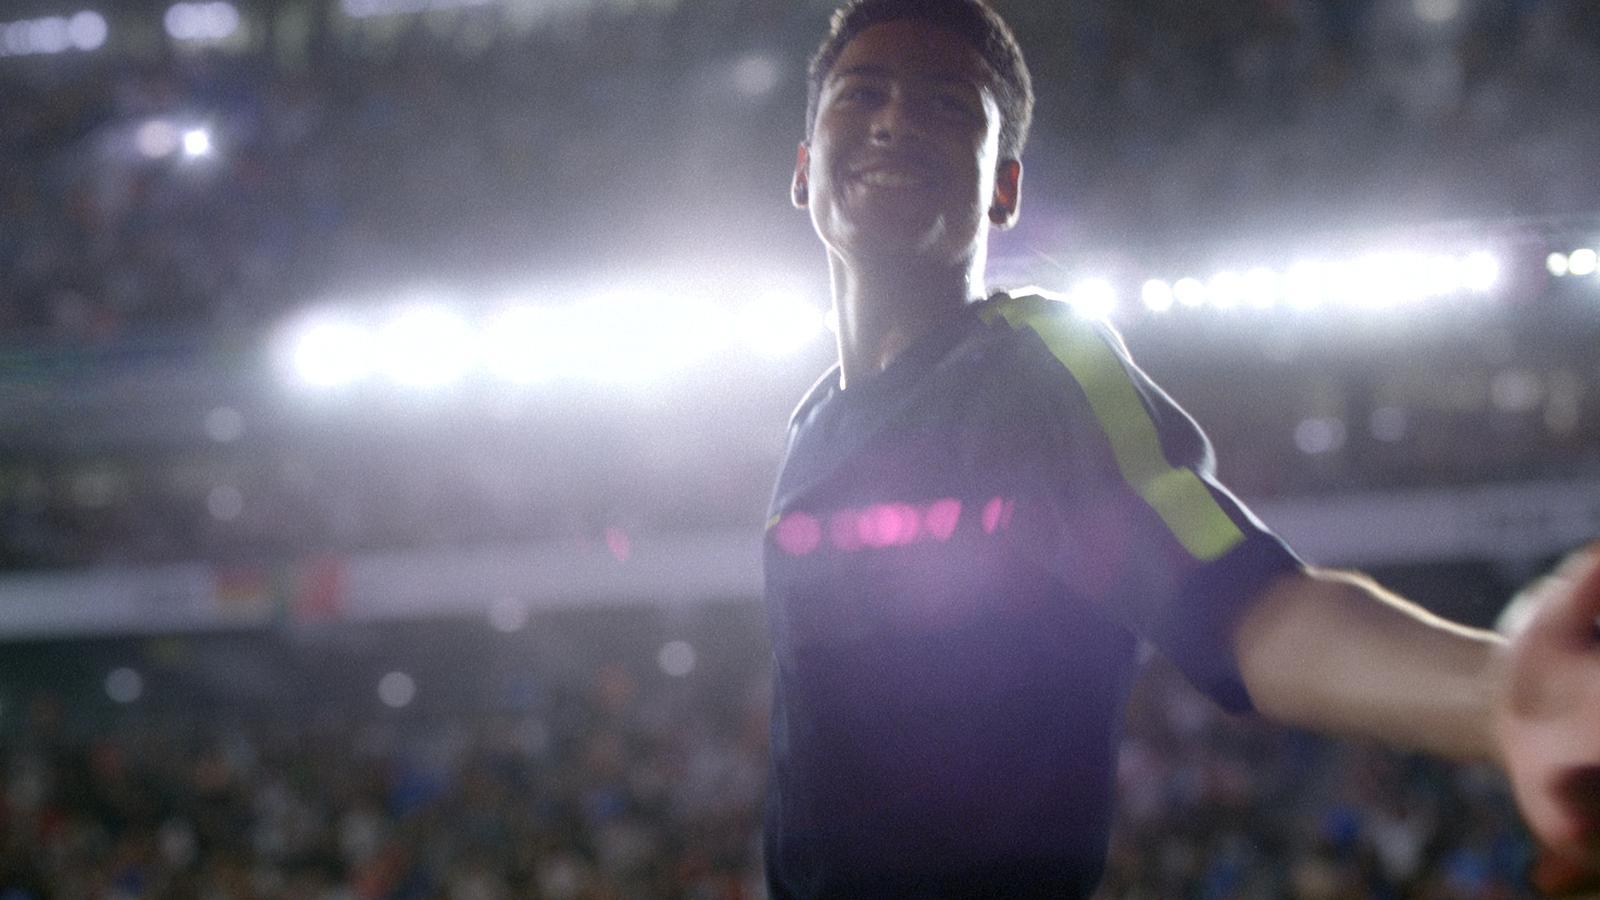 Winner Stays by Nike